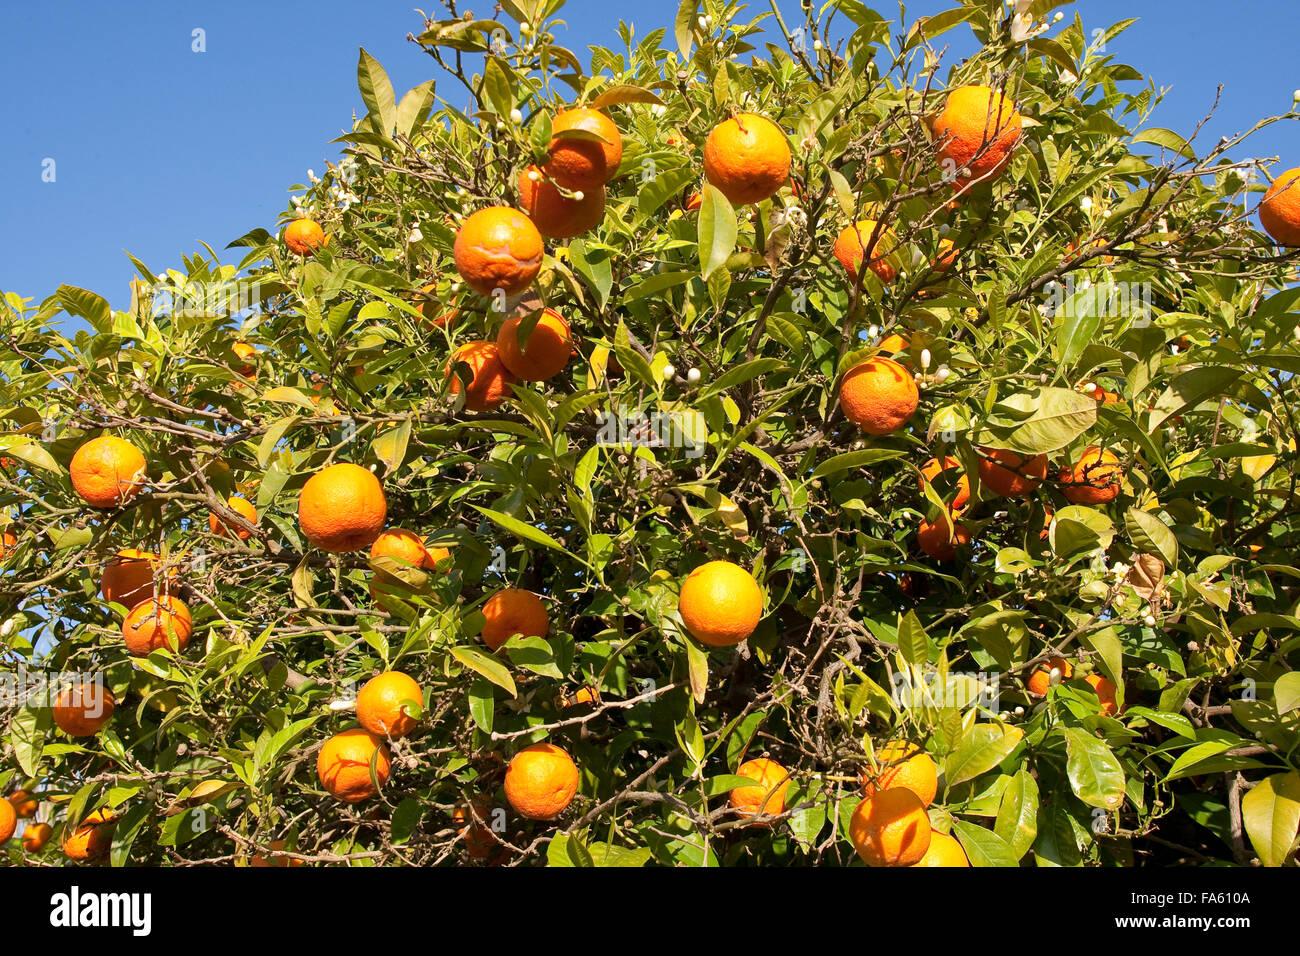 Common Mandarin, fruit, Gewöhnliche Mandarine, reife Früchte und Blüten am Baum, Frucht, Citrus reticulata, - Stock Image